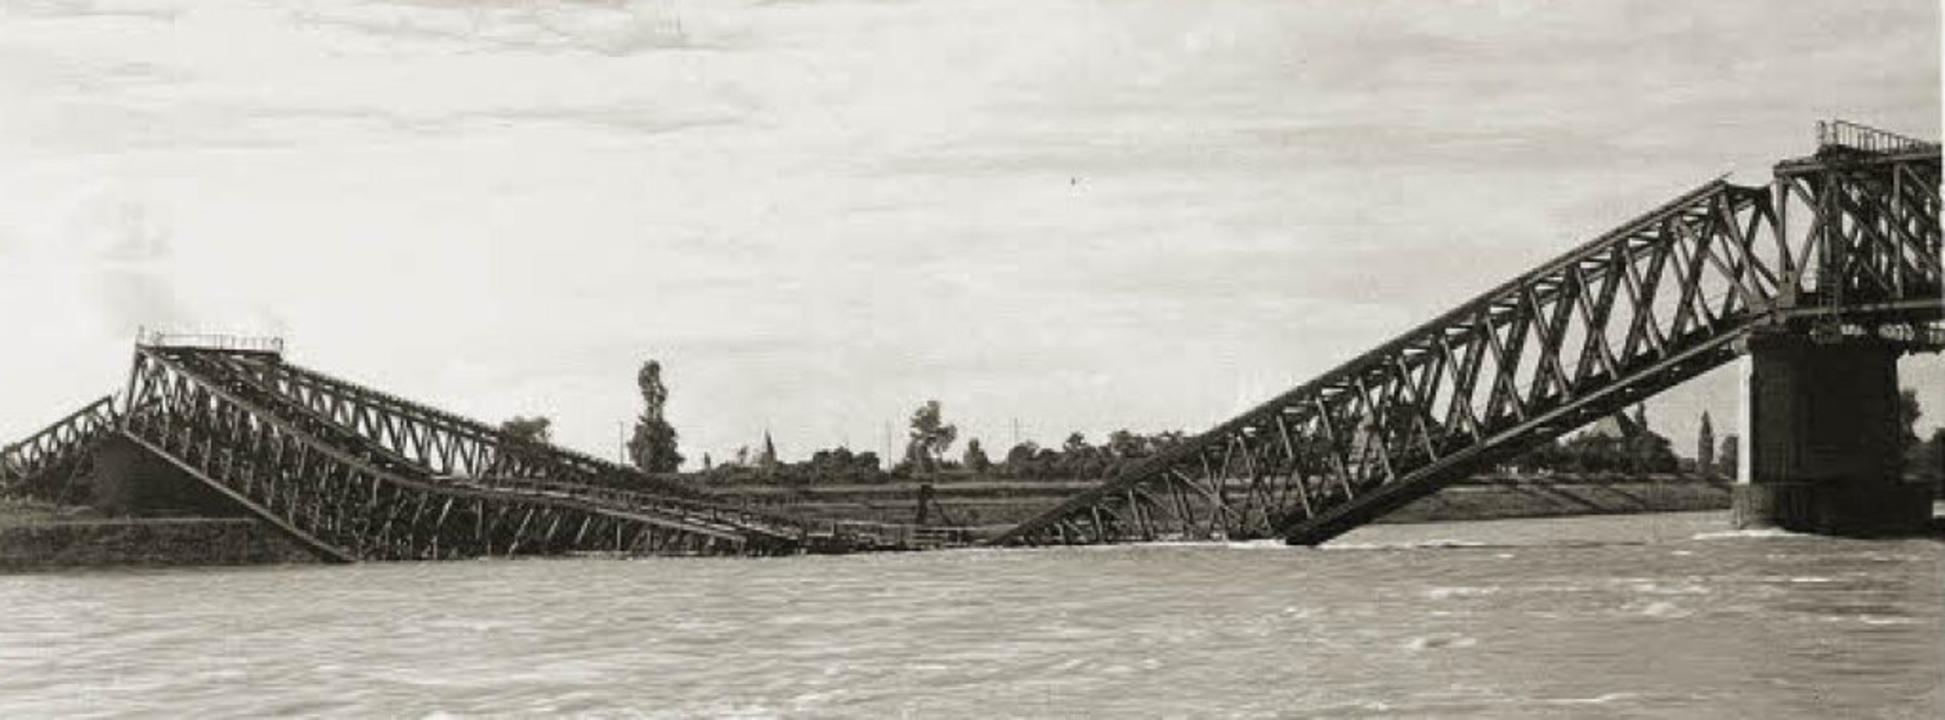 Die am 7. Oktober 1939 gesprengte Eisenbahnbrücke  in Neuenburg    | Foto: Stadtarchiv Neuenburg am Rhein